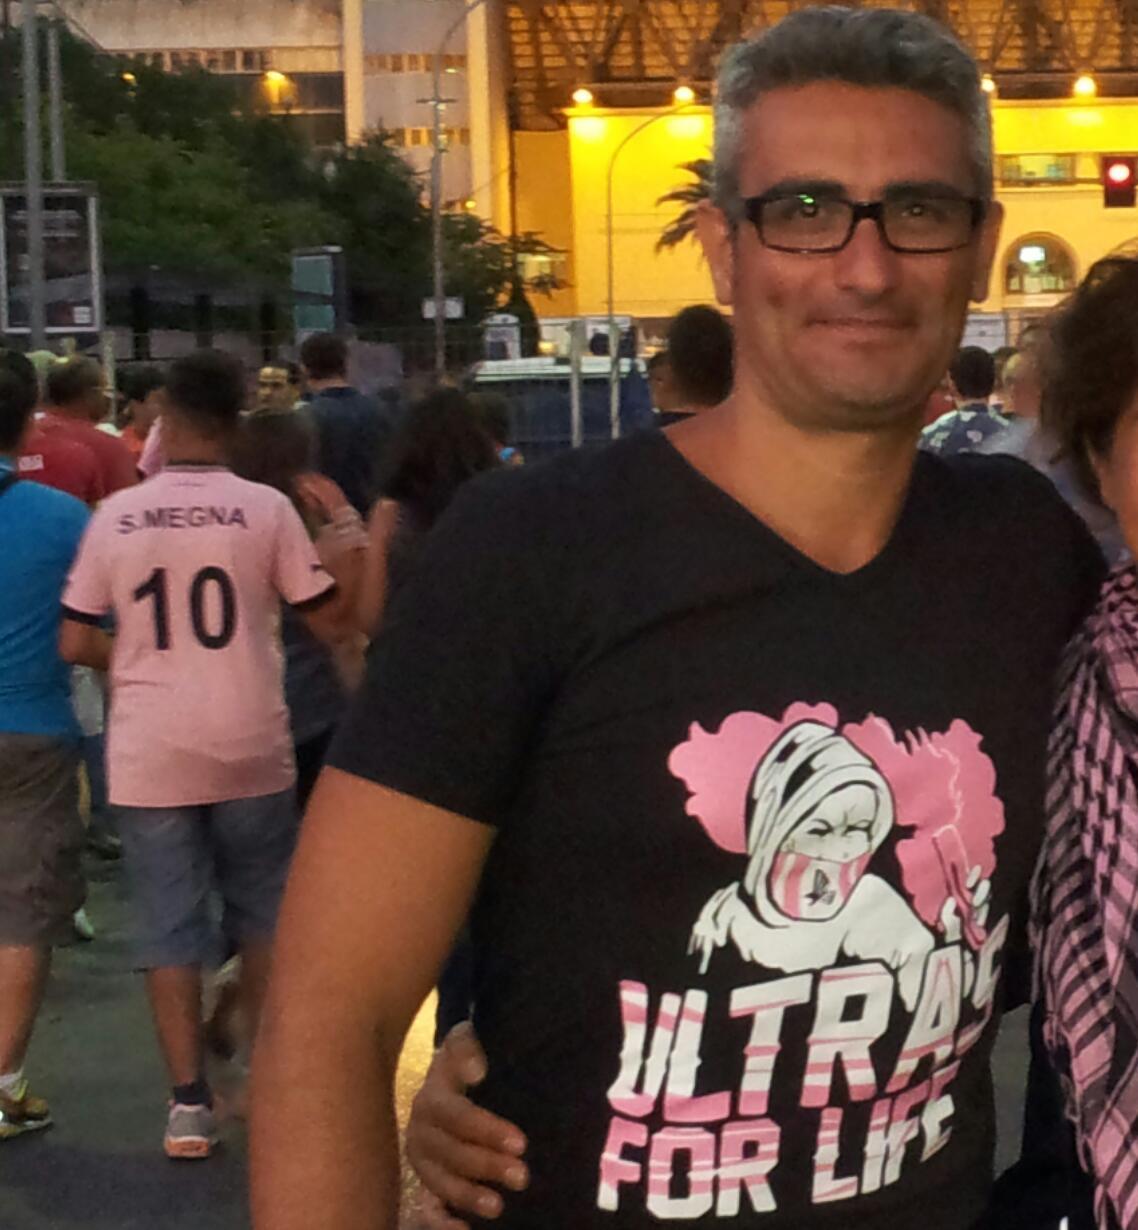 Agostino, tifoso del Palermo trapiantato dalla Zisa a Napoli per amore: «Mi stanno sfottendo da giorni»